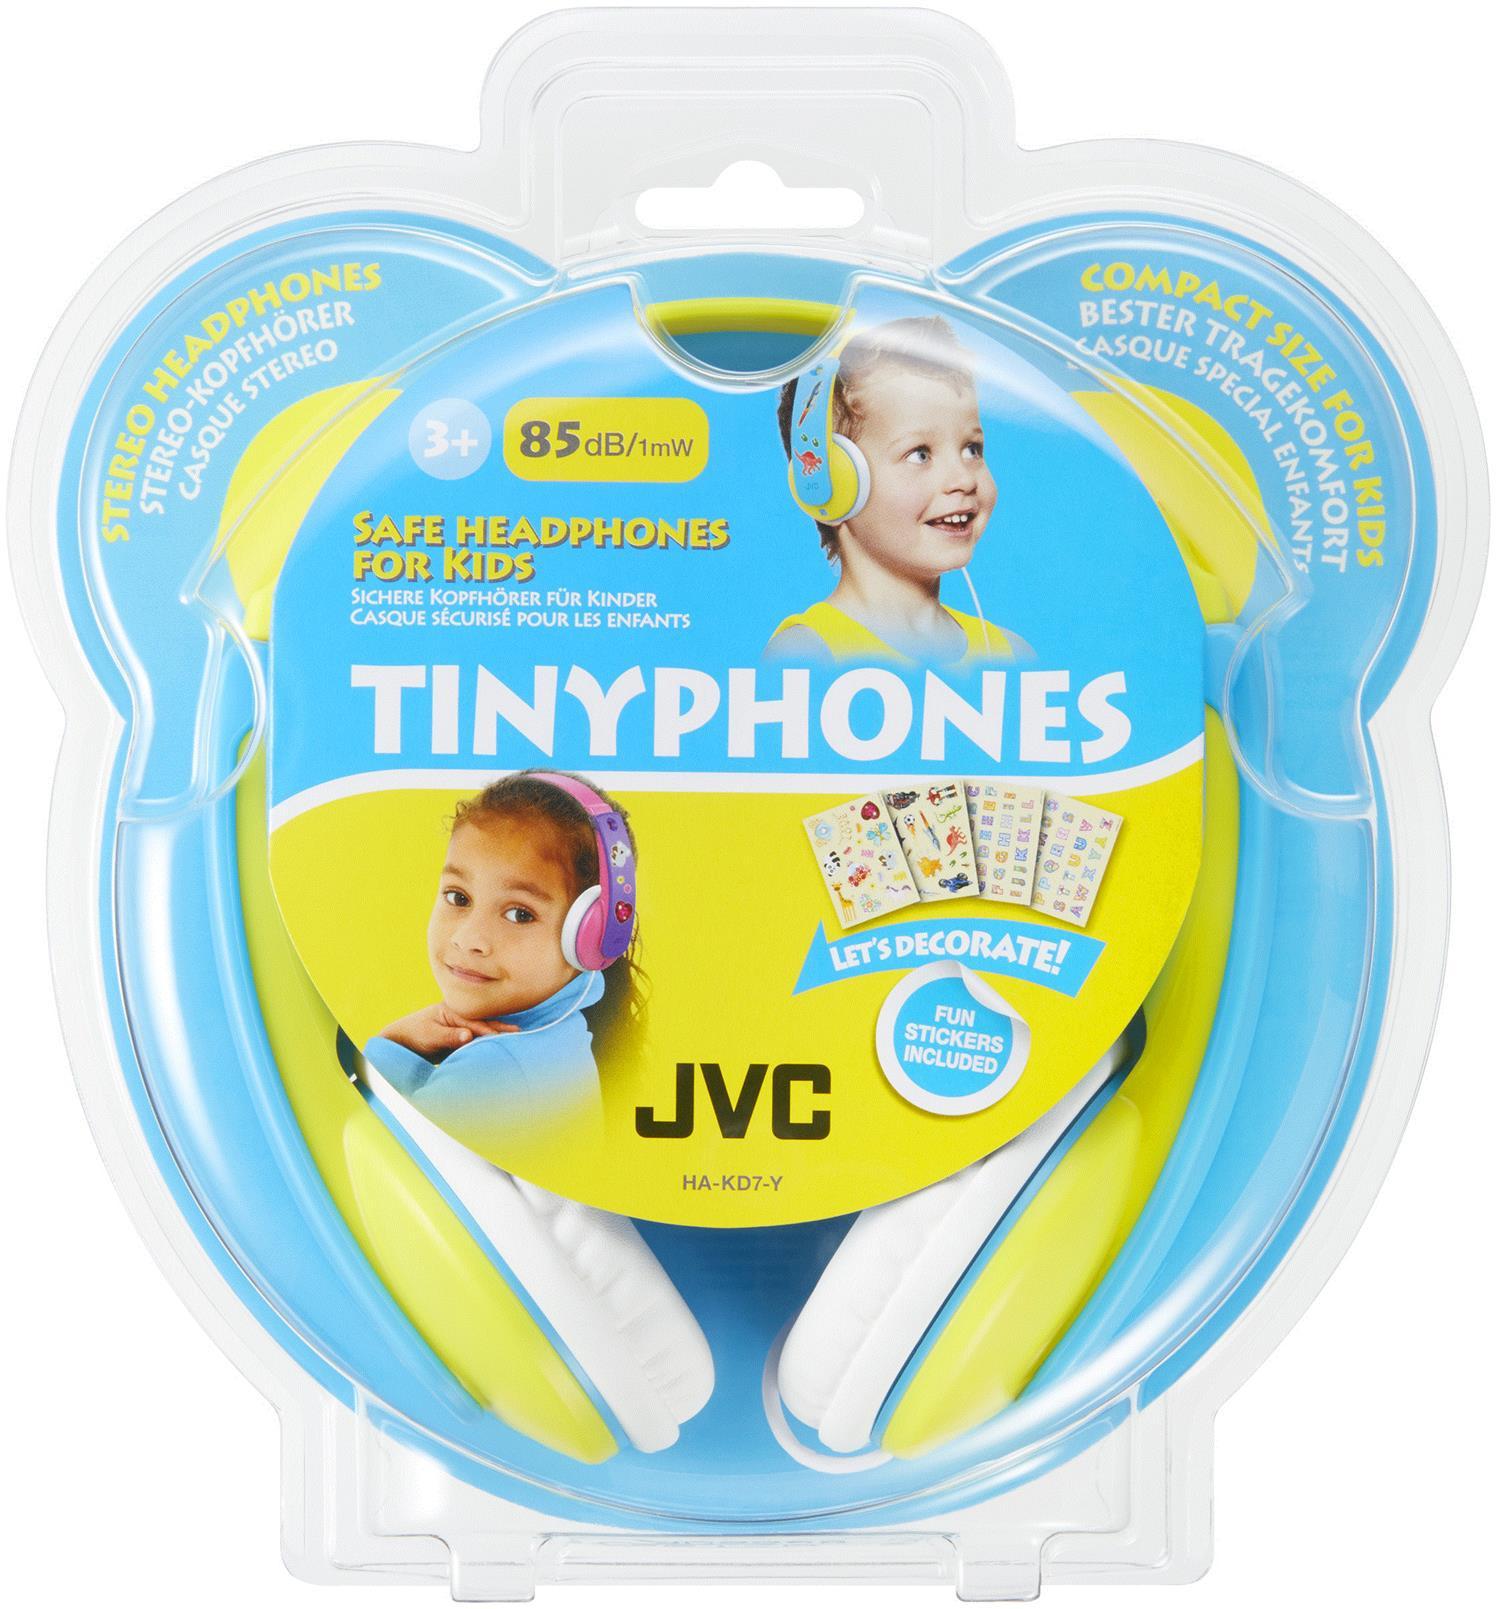 JVC HA-KD7-Y Hovedtelefoner til Børn - Gul